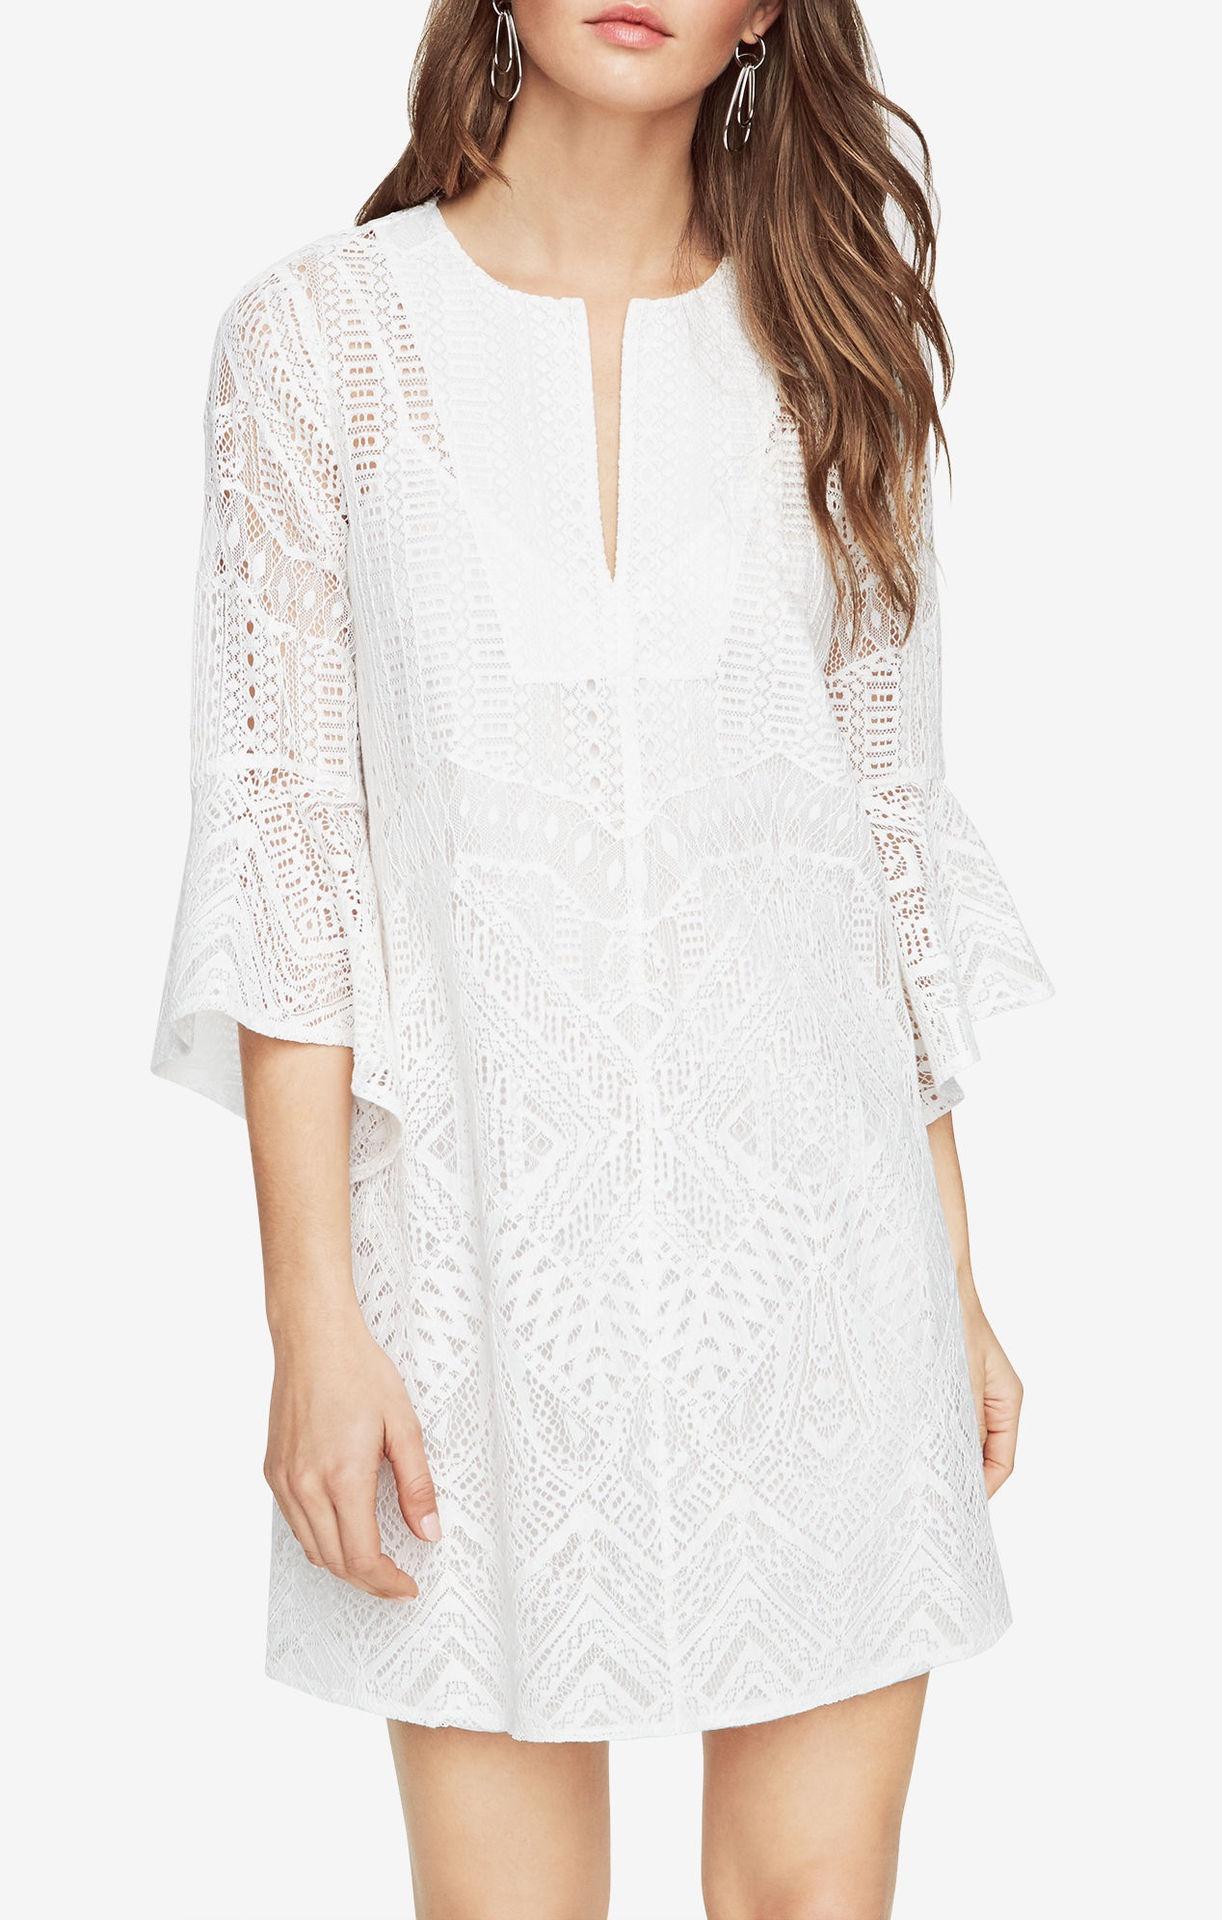 Catier Dress Image